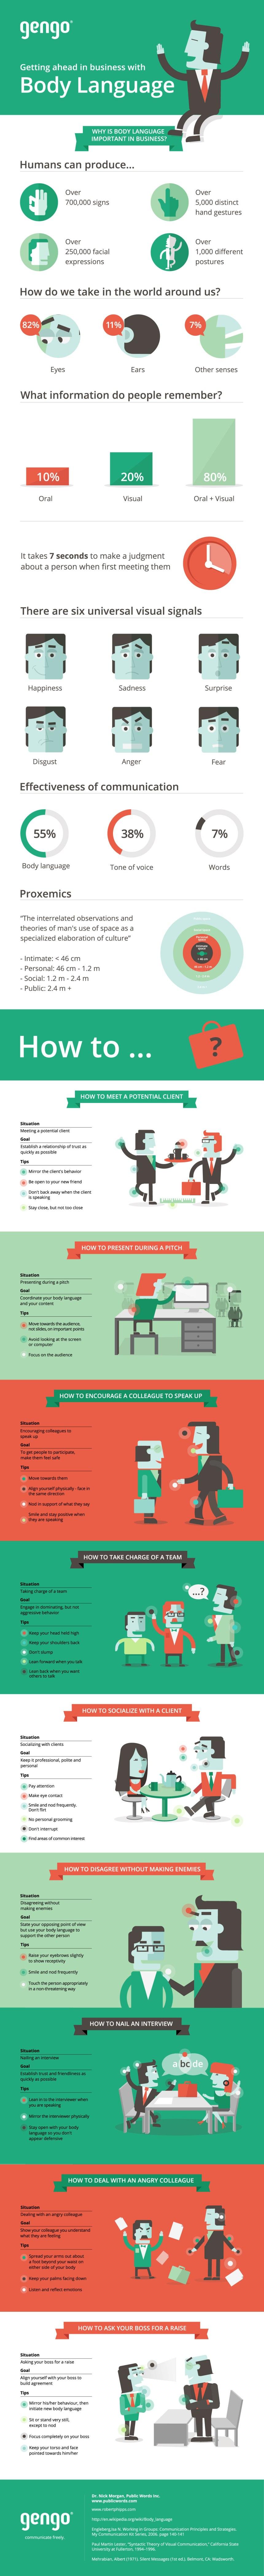 El lenguaje corporal en los negocios